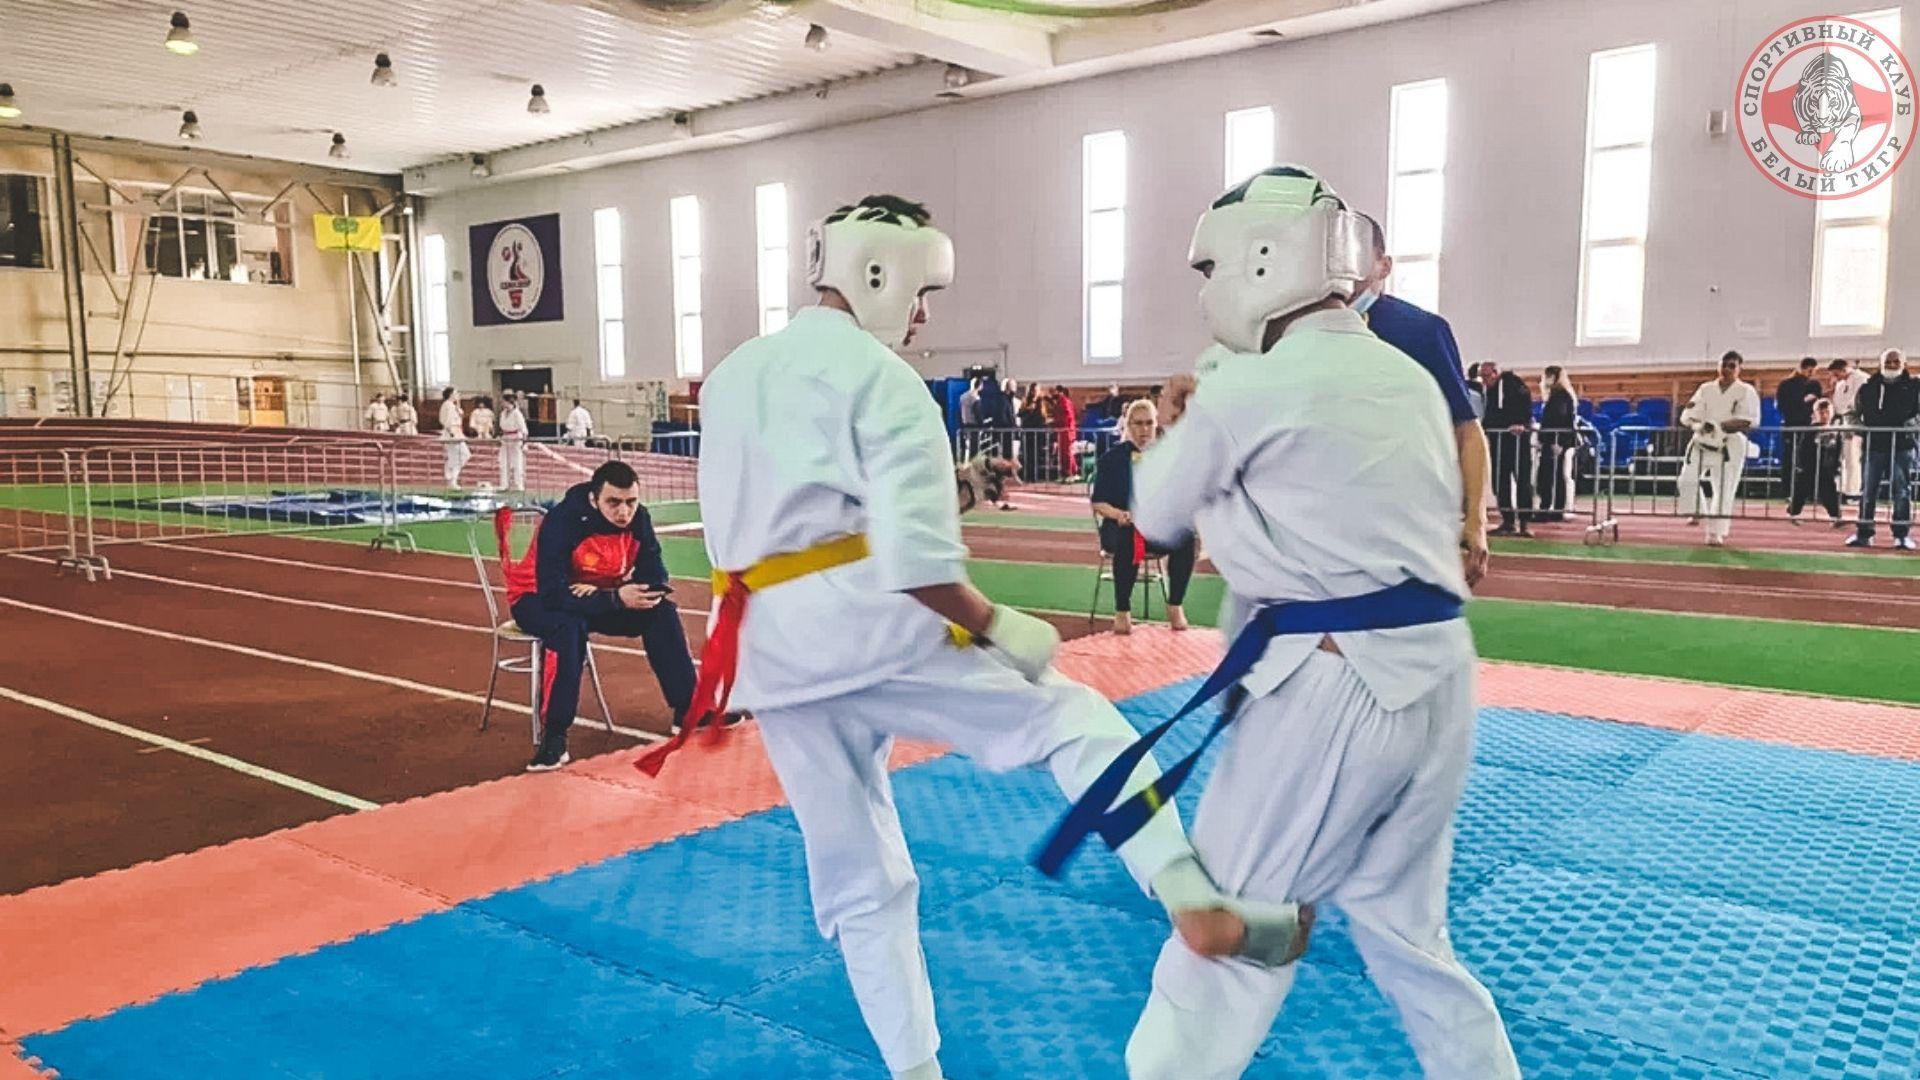 Областной фестиваль по Киокусинкай в Липецке 14 февраля 2021